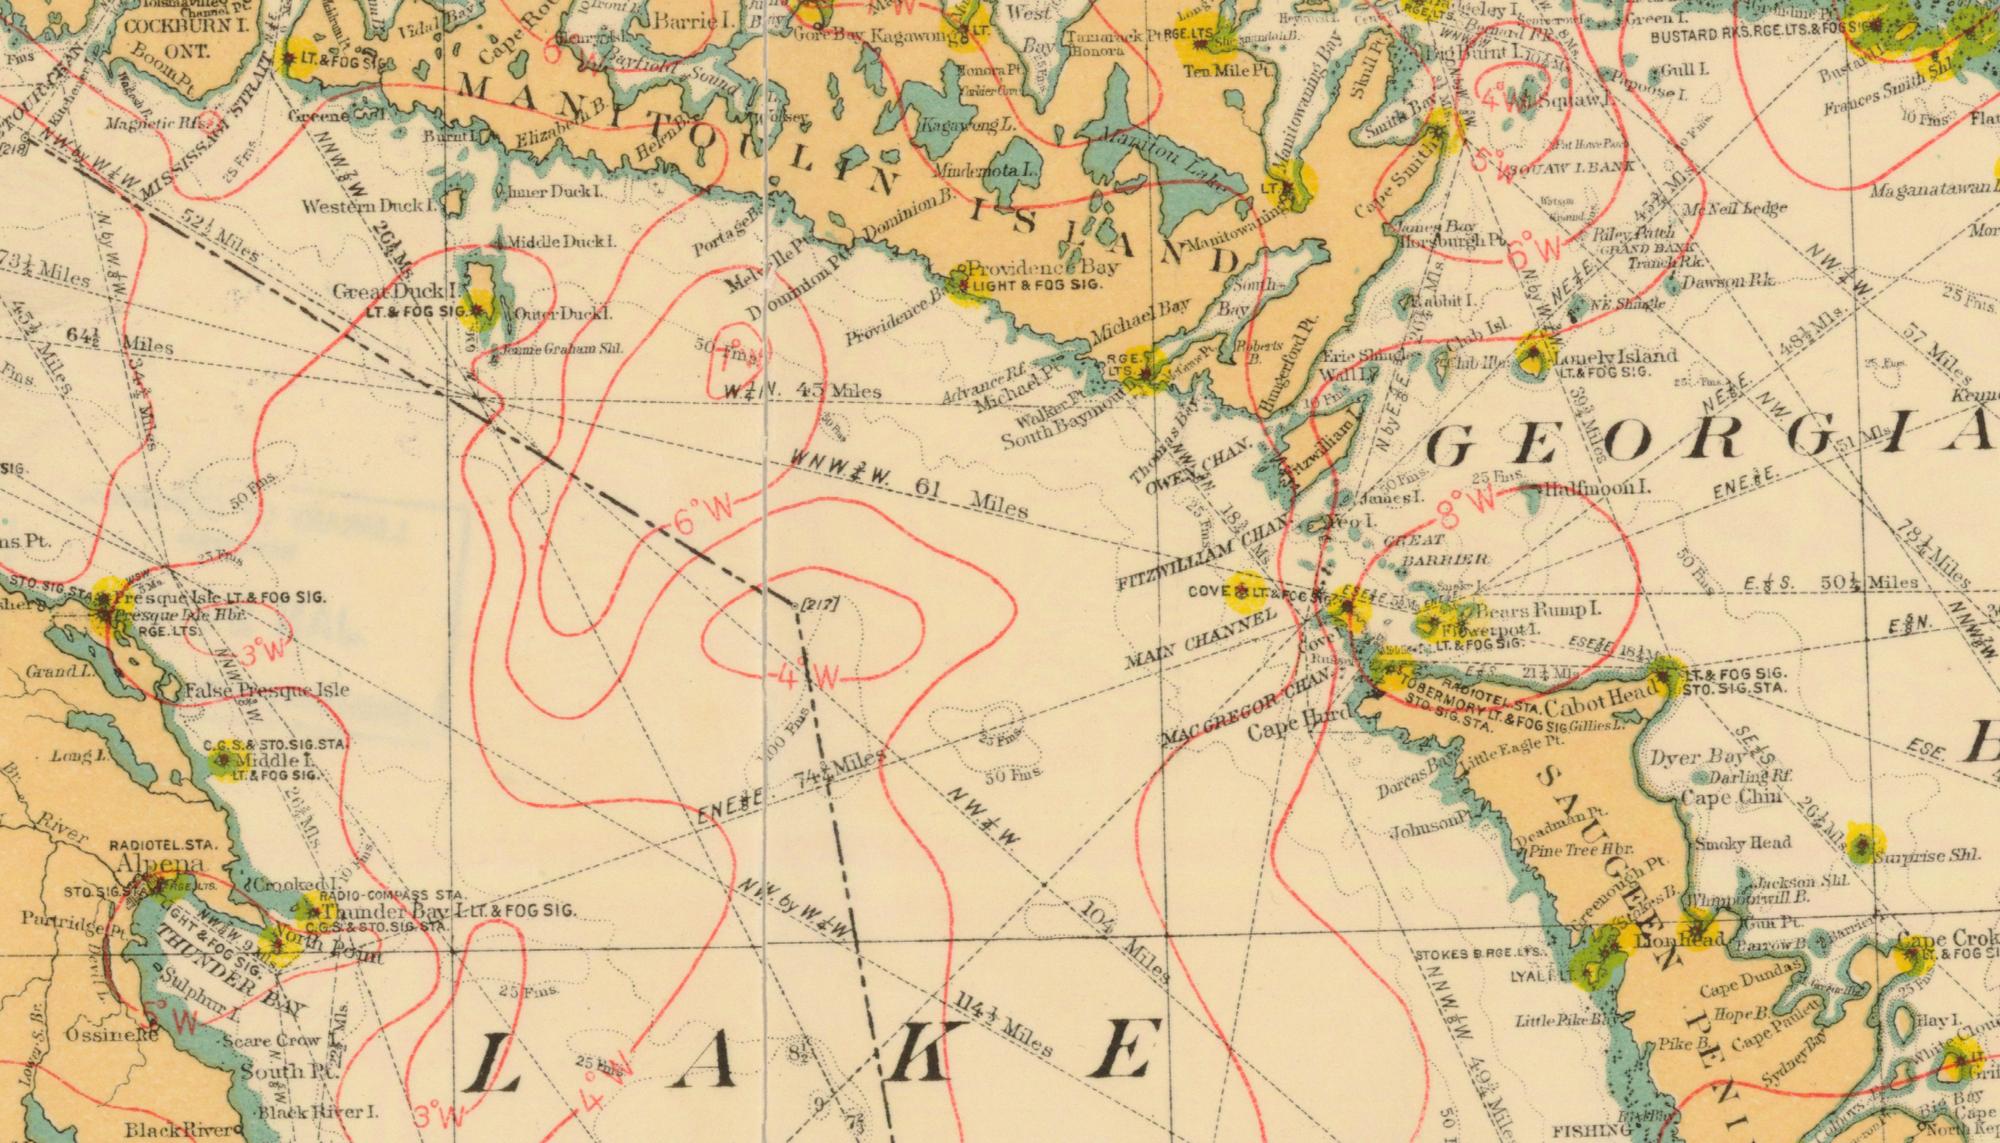 [map] [type] detail